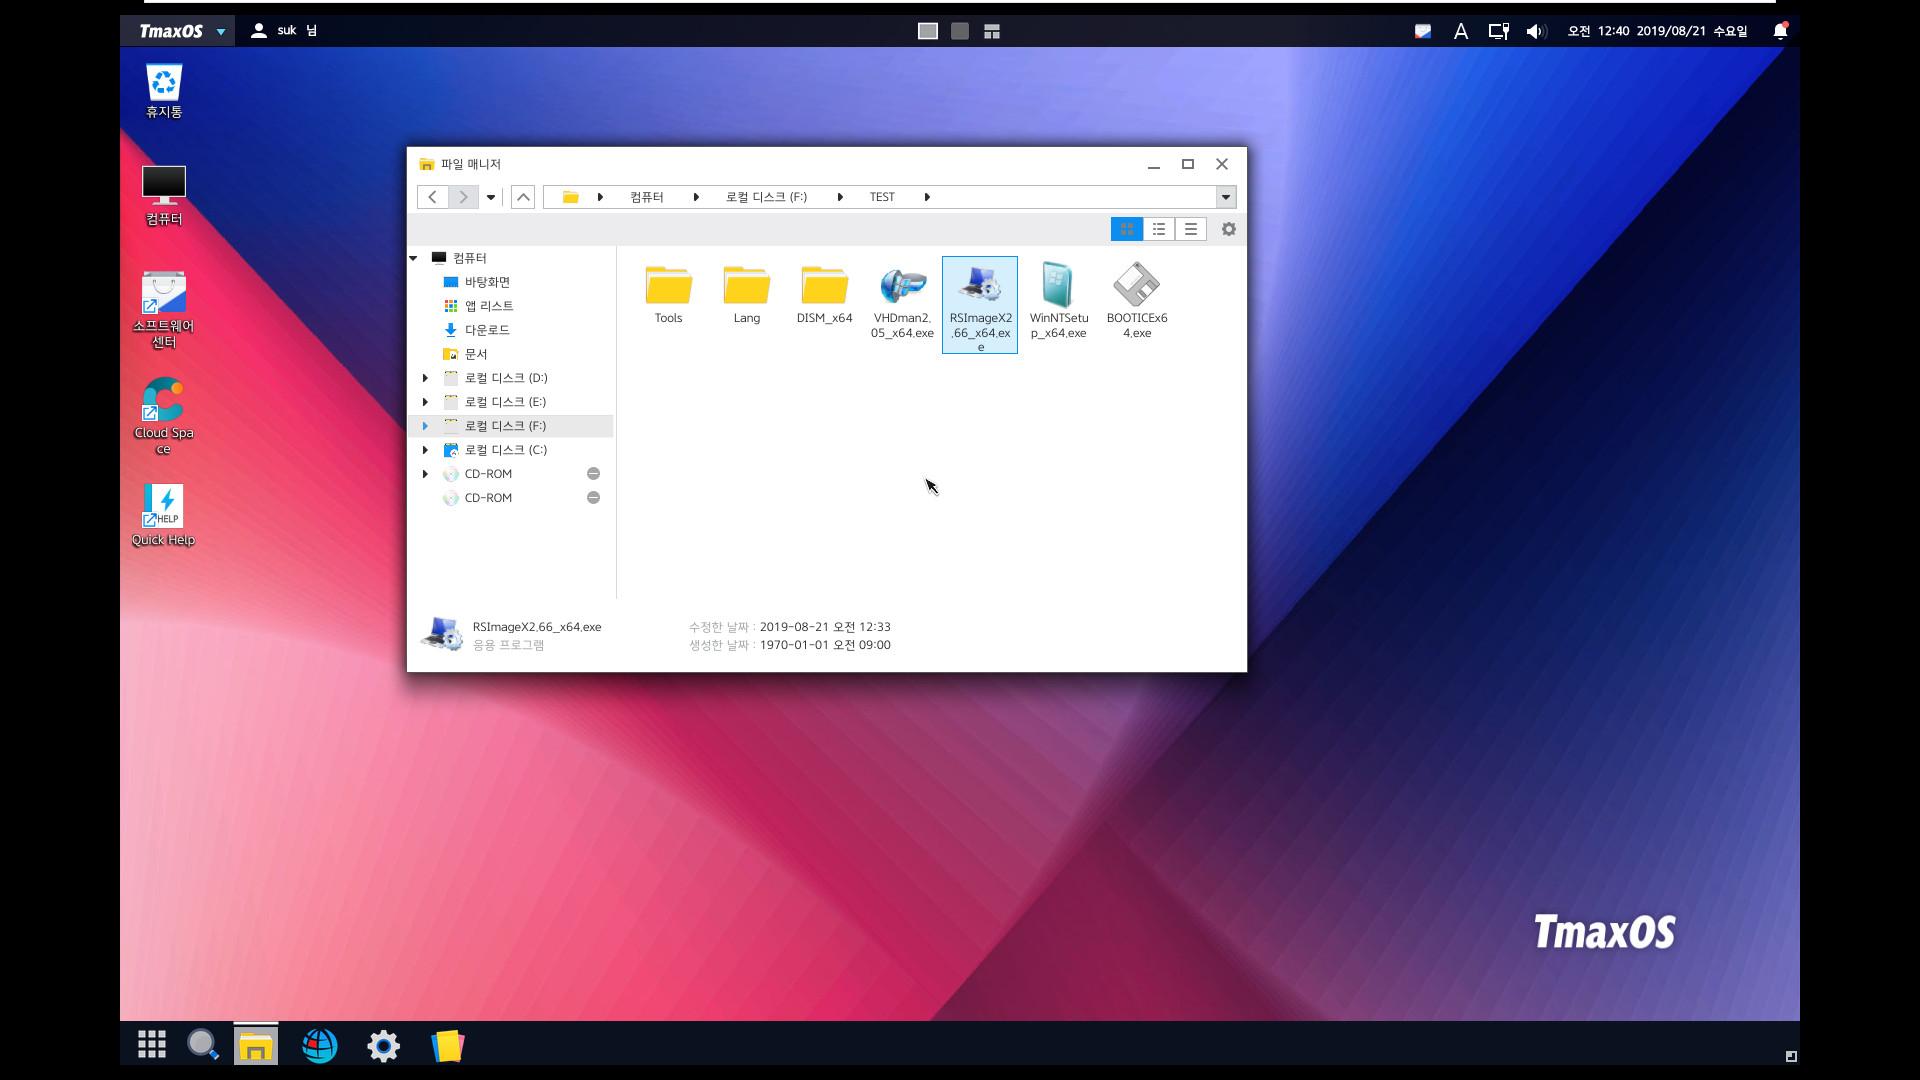 TmaxOS 설치 테스트 - 2번째 시도 - 이번에는 윈도에서 Tmax에서 제공한 T-Up TmaxOS.exe 으로 멀티 부팅으로 설치하기 - 자주 사용하는 포터블 실행해봤는데 아무 반응이 없었습니다2019-08-21_004042.jpg